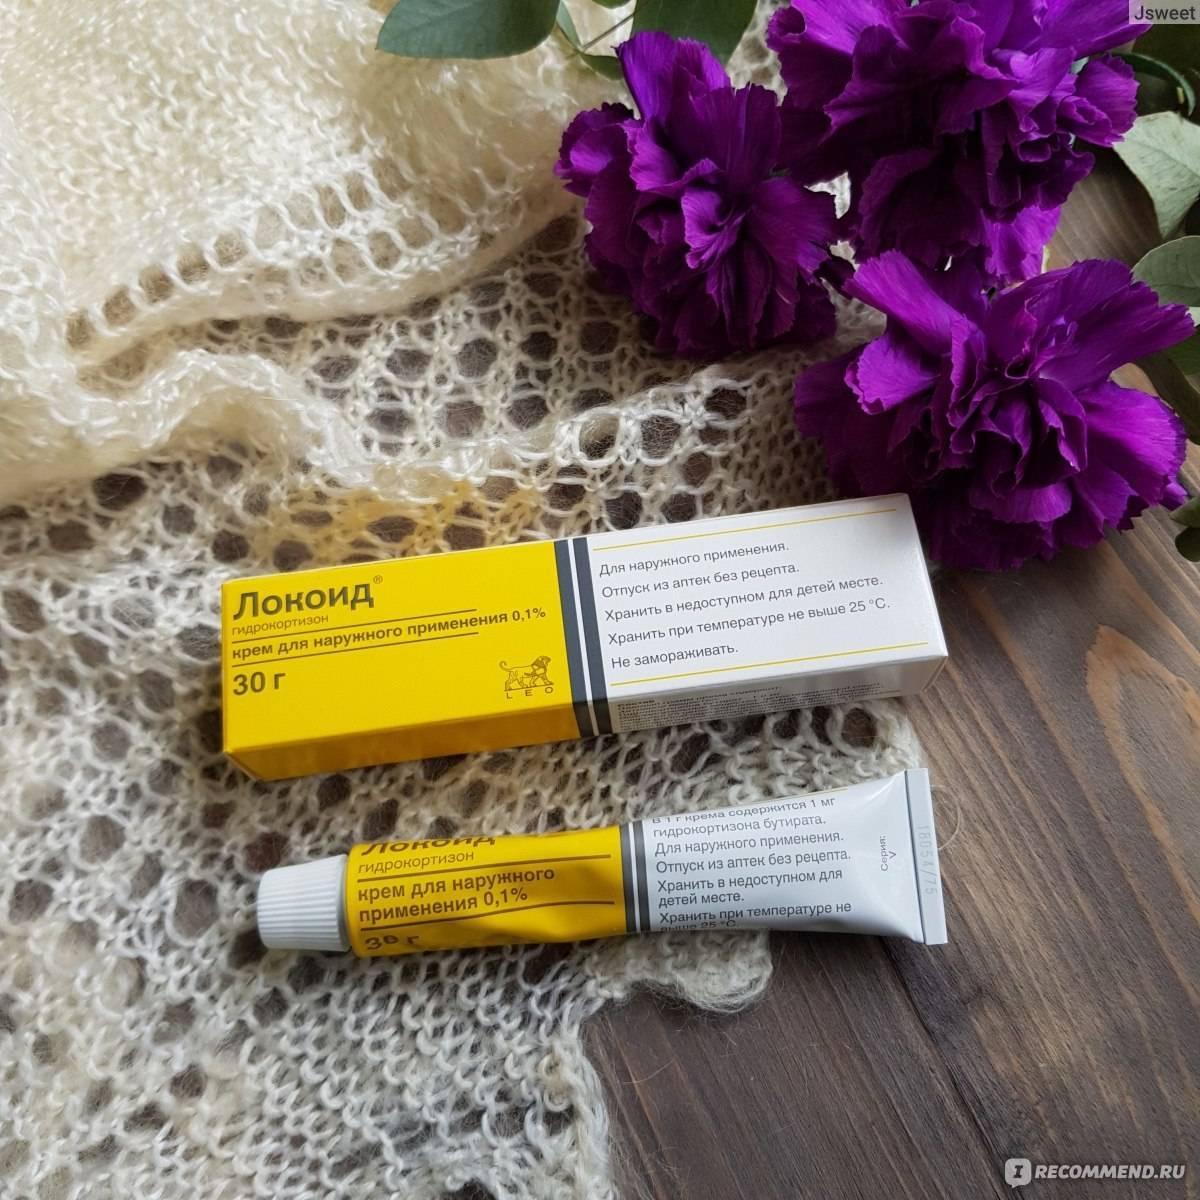 Эффективные средства от дерматита: таблетки, уколы, препараты для местного применения